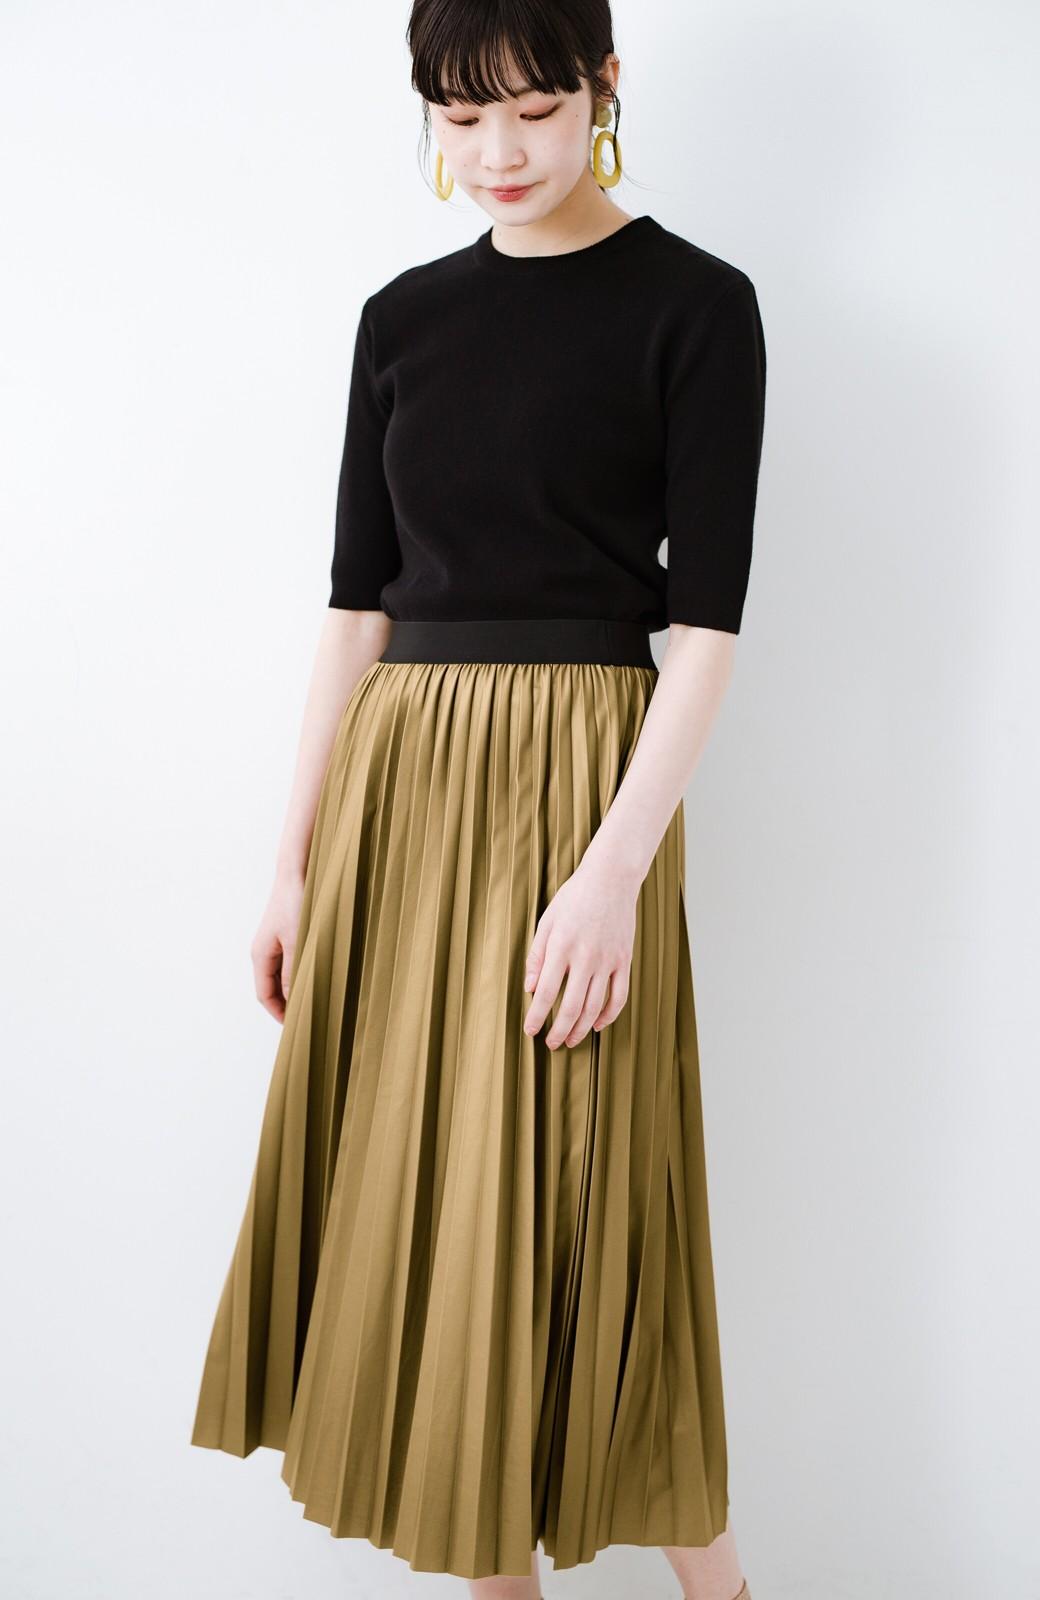 haco! コーデが一気に引き締まるフェイクレザー風プリーツスカート by laulea  <マスタード>の商品写真14